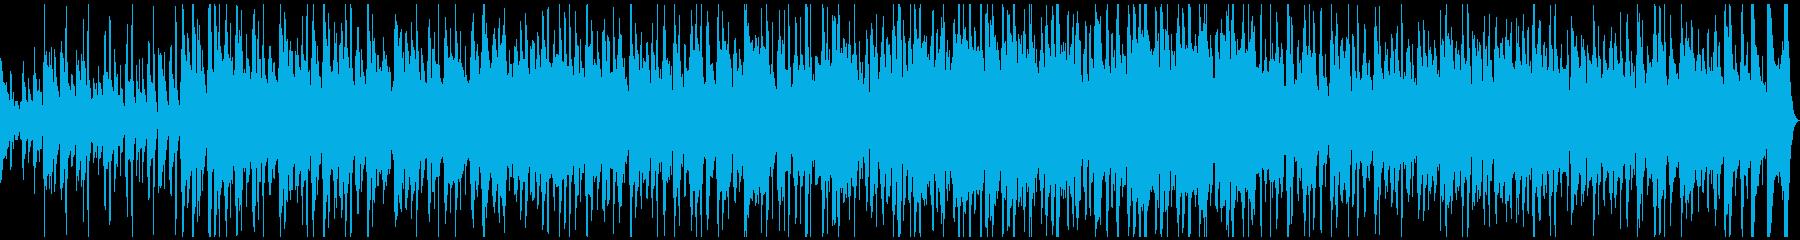 プラスの陽気なラテン 60秒タイプの再生済みの波形